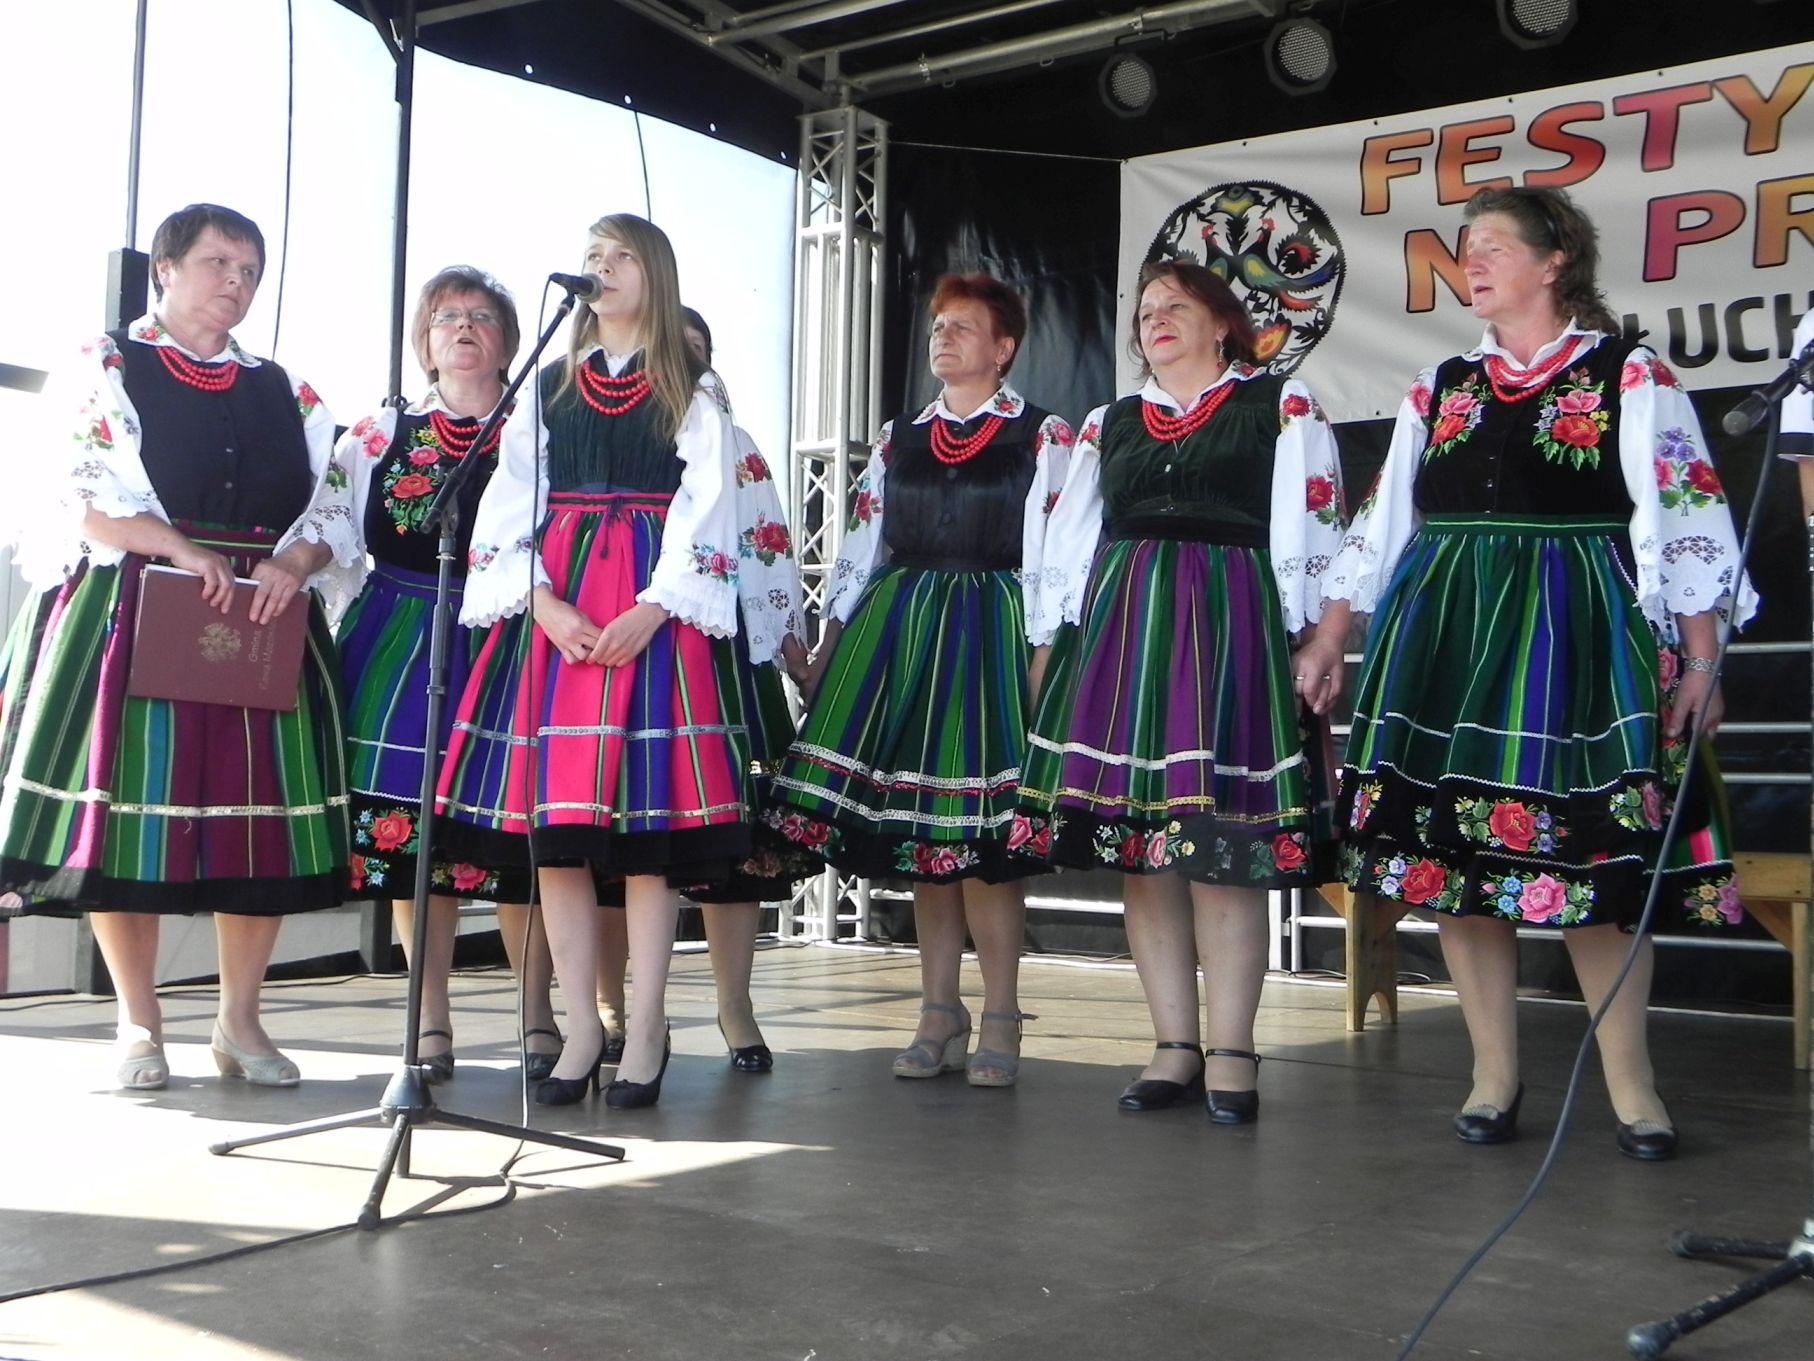 2013-07-07 Głuchów Festyn na Przydrożku (106)